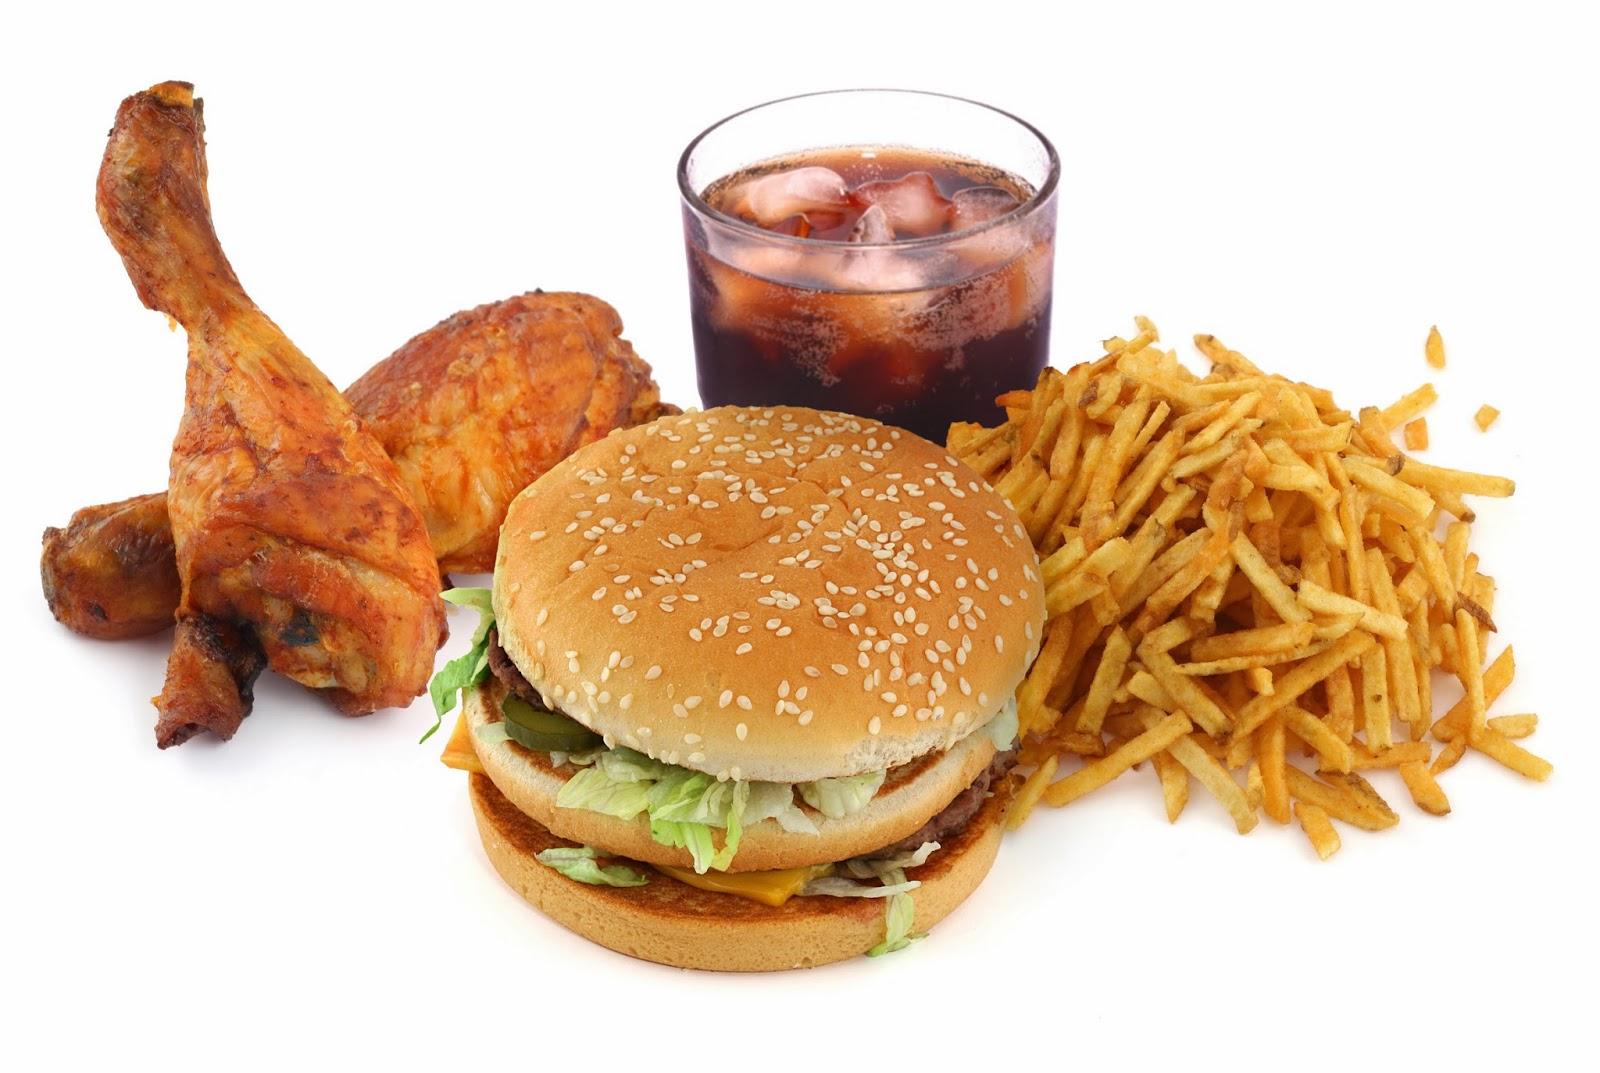 10 Makanan Cepat Saji Tidak SEHAT (bagian 1)